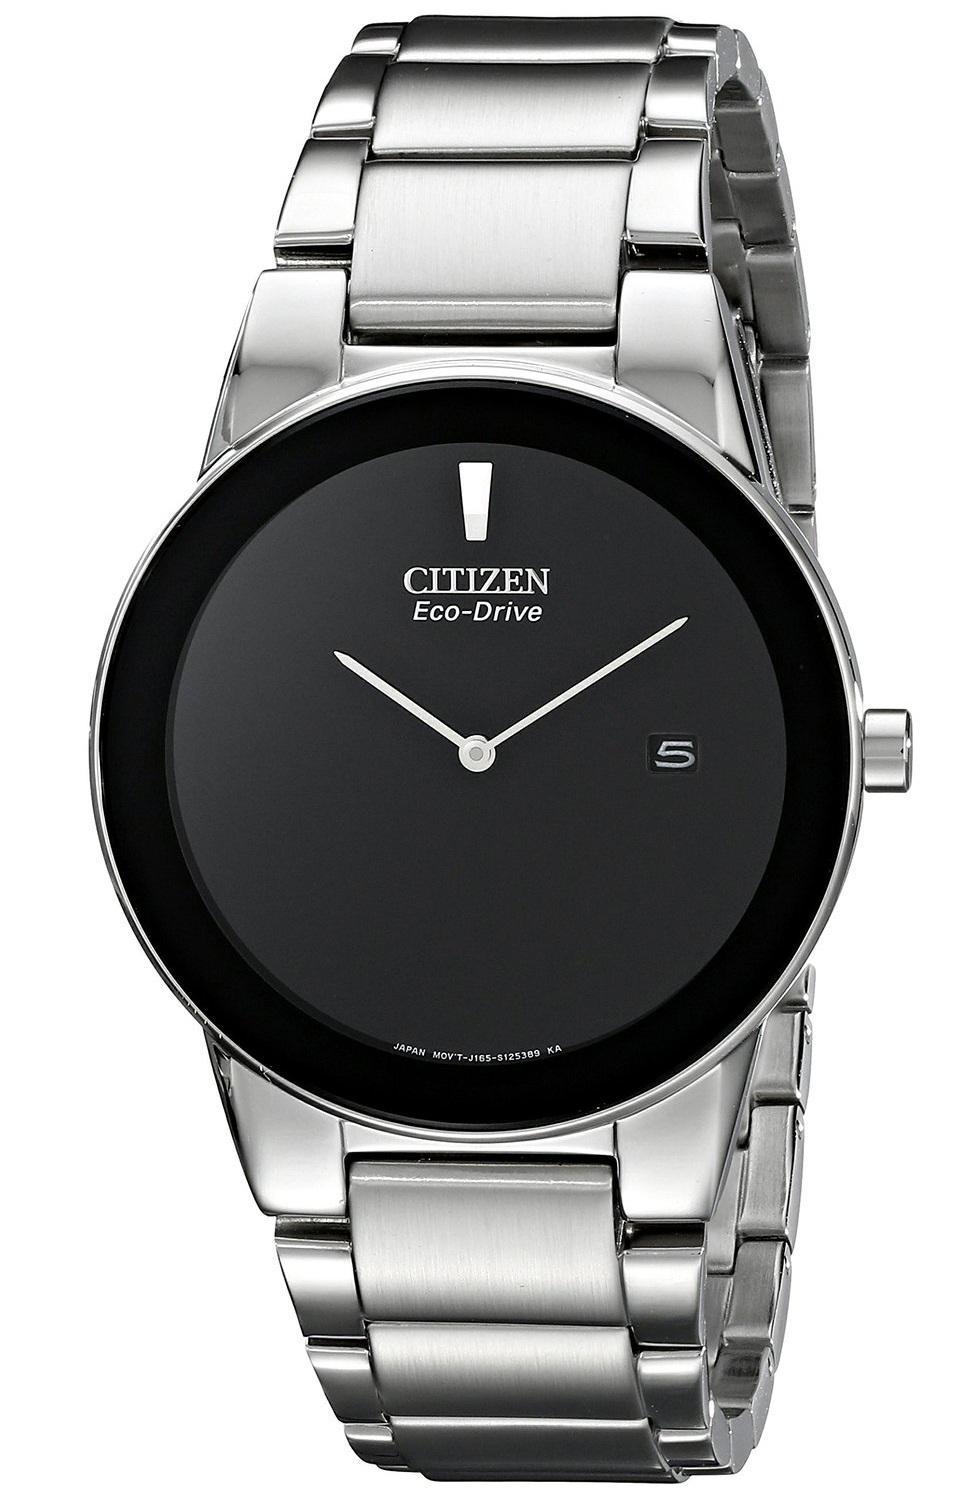 Điểm nổi bật của đồng hồ hàng hiệu Citizen và những lưu ý khi sử dụng  7